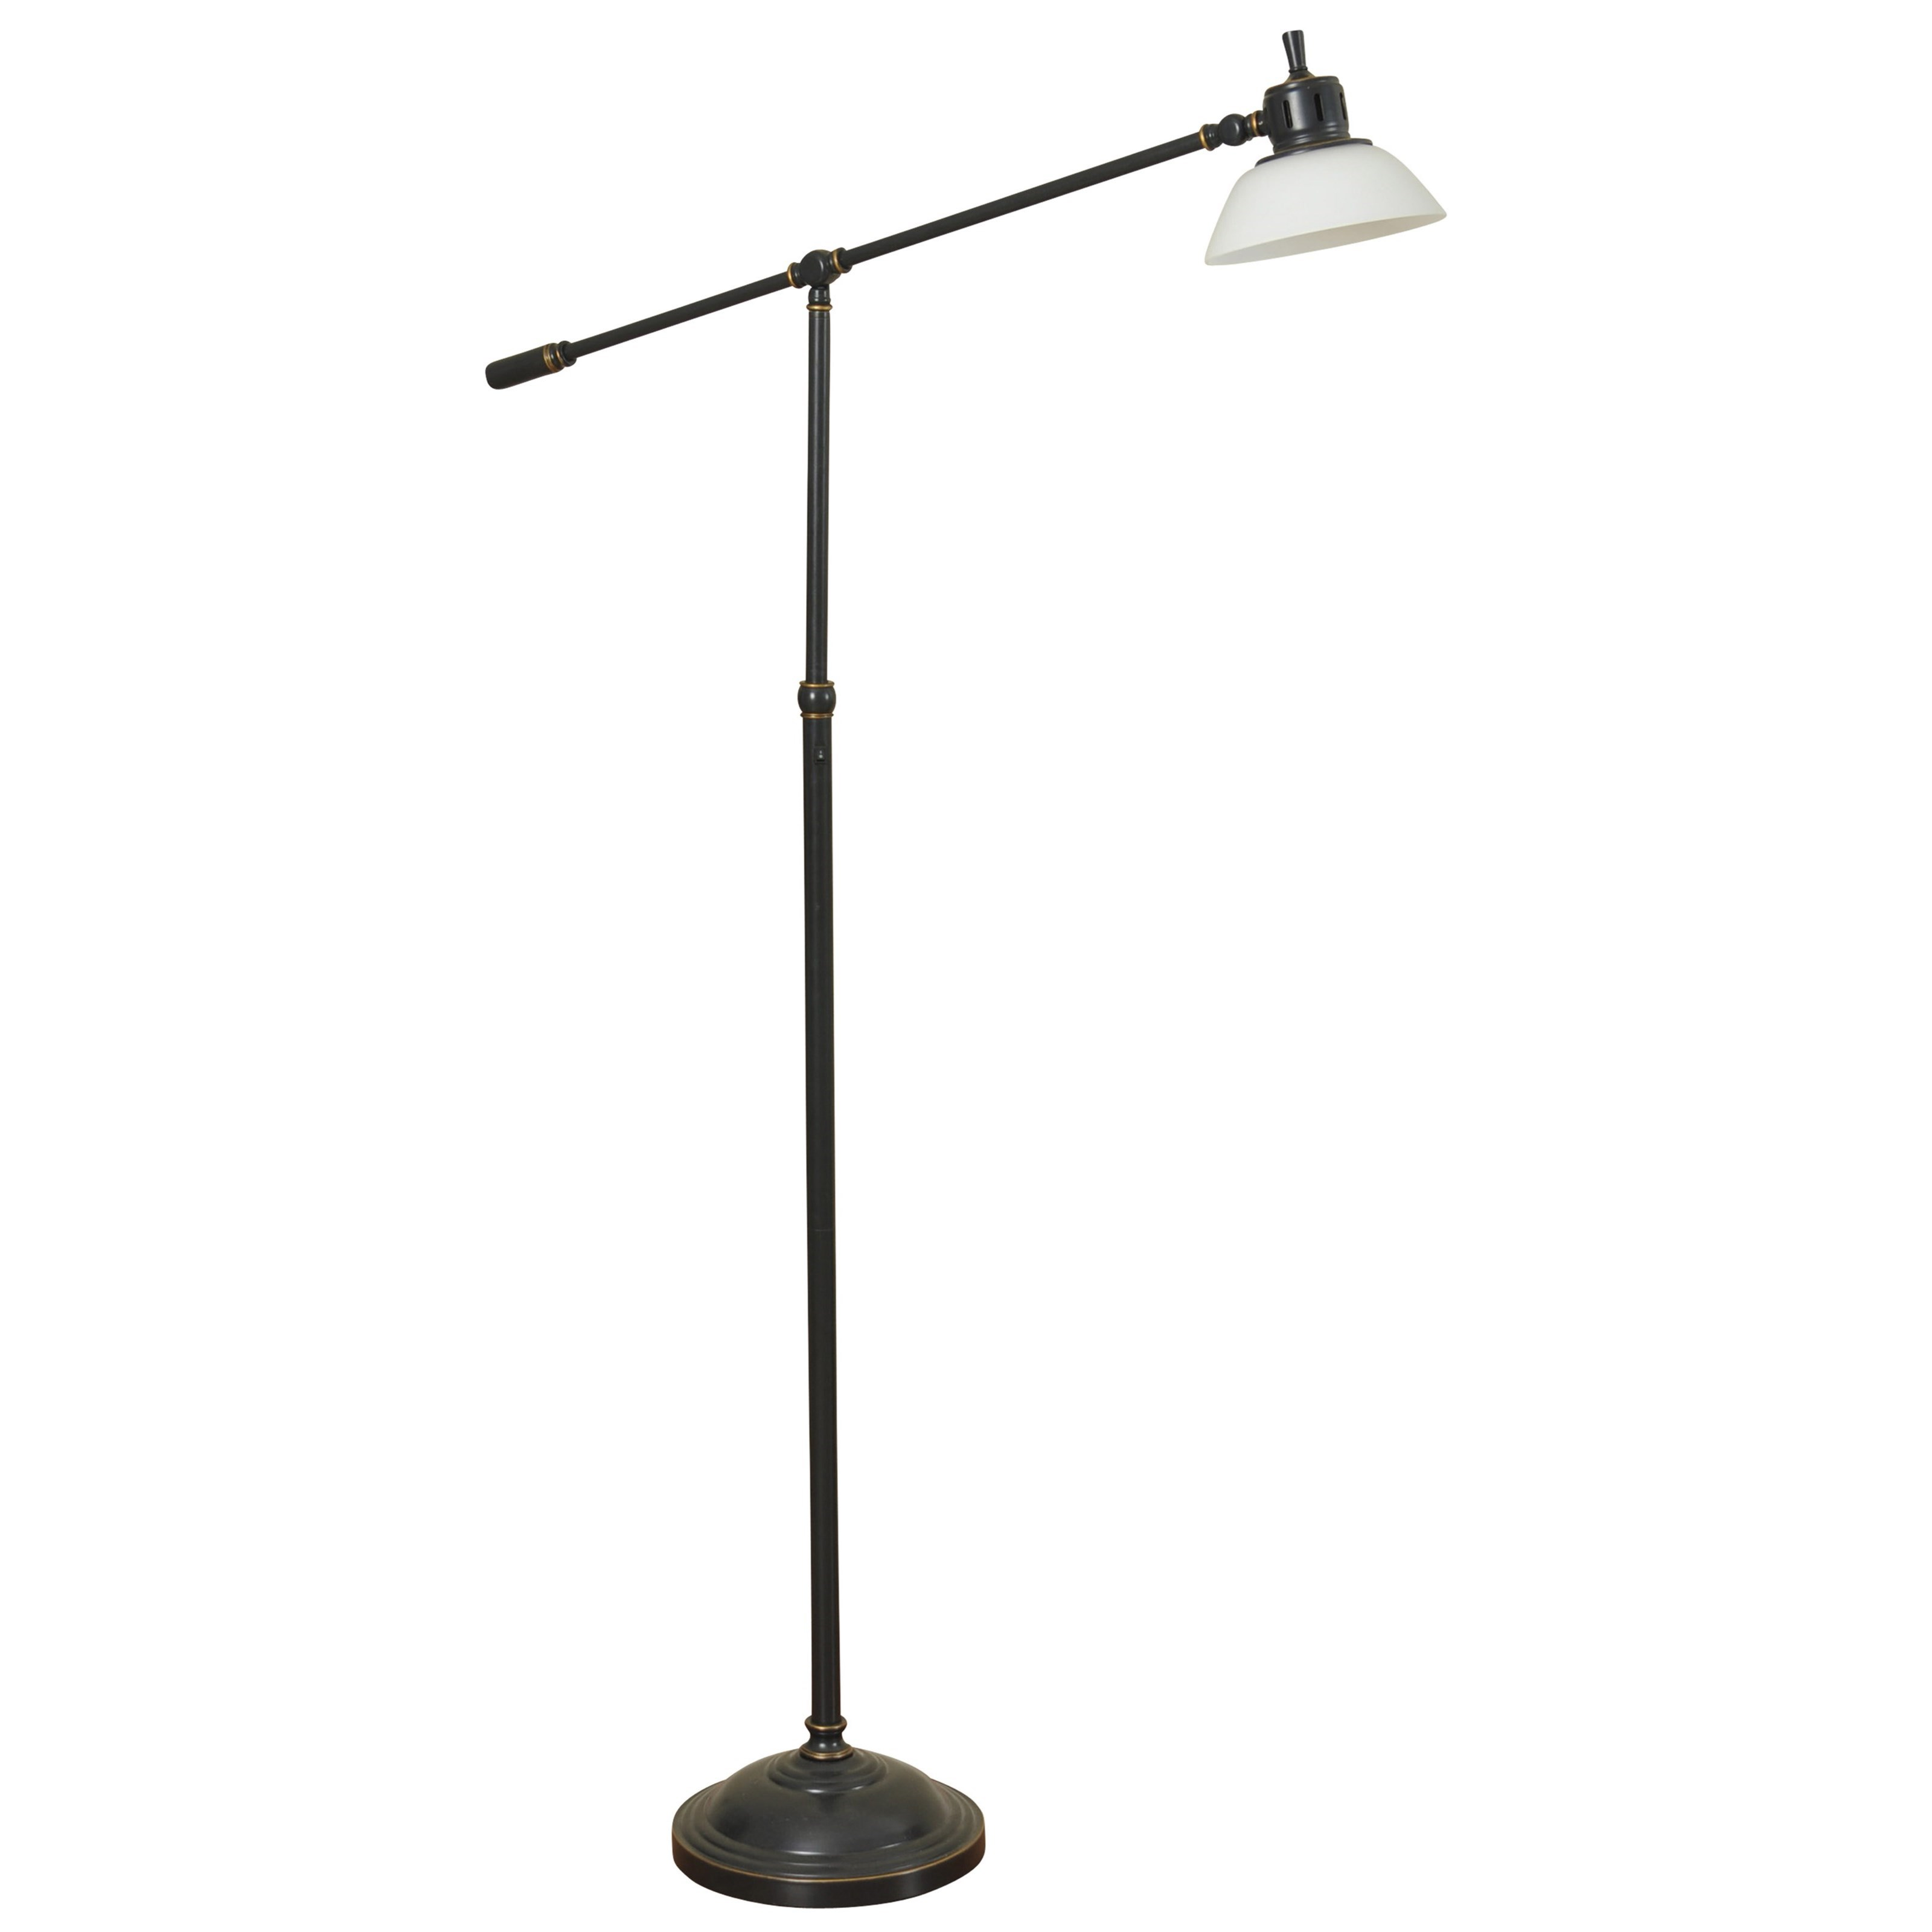 Stylecraft lamps l79651 russet bronze floor lamp del sol for Style craft floor lamp